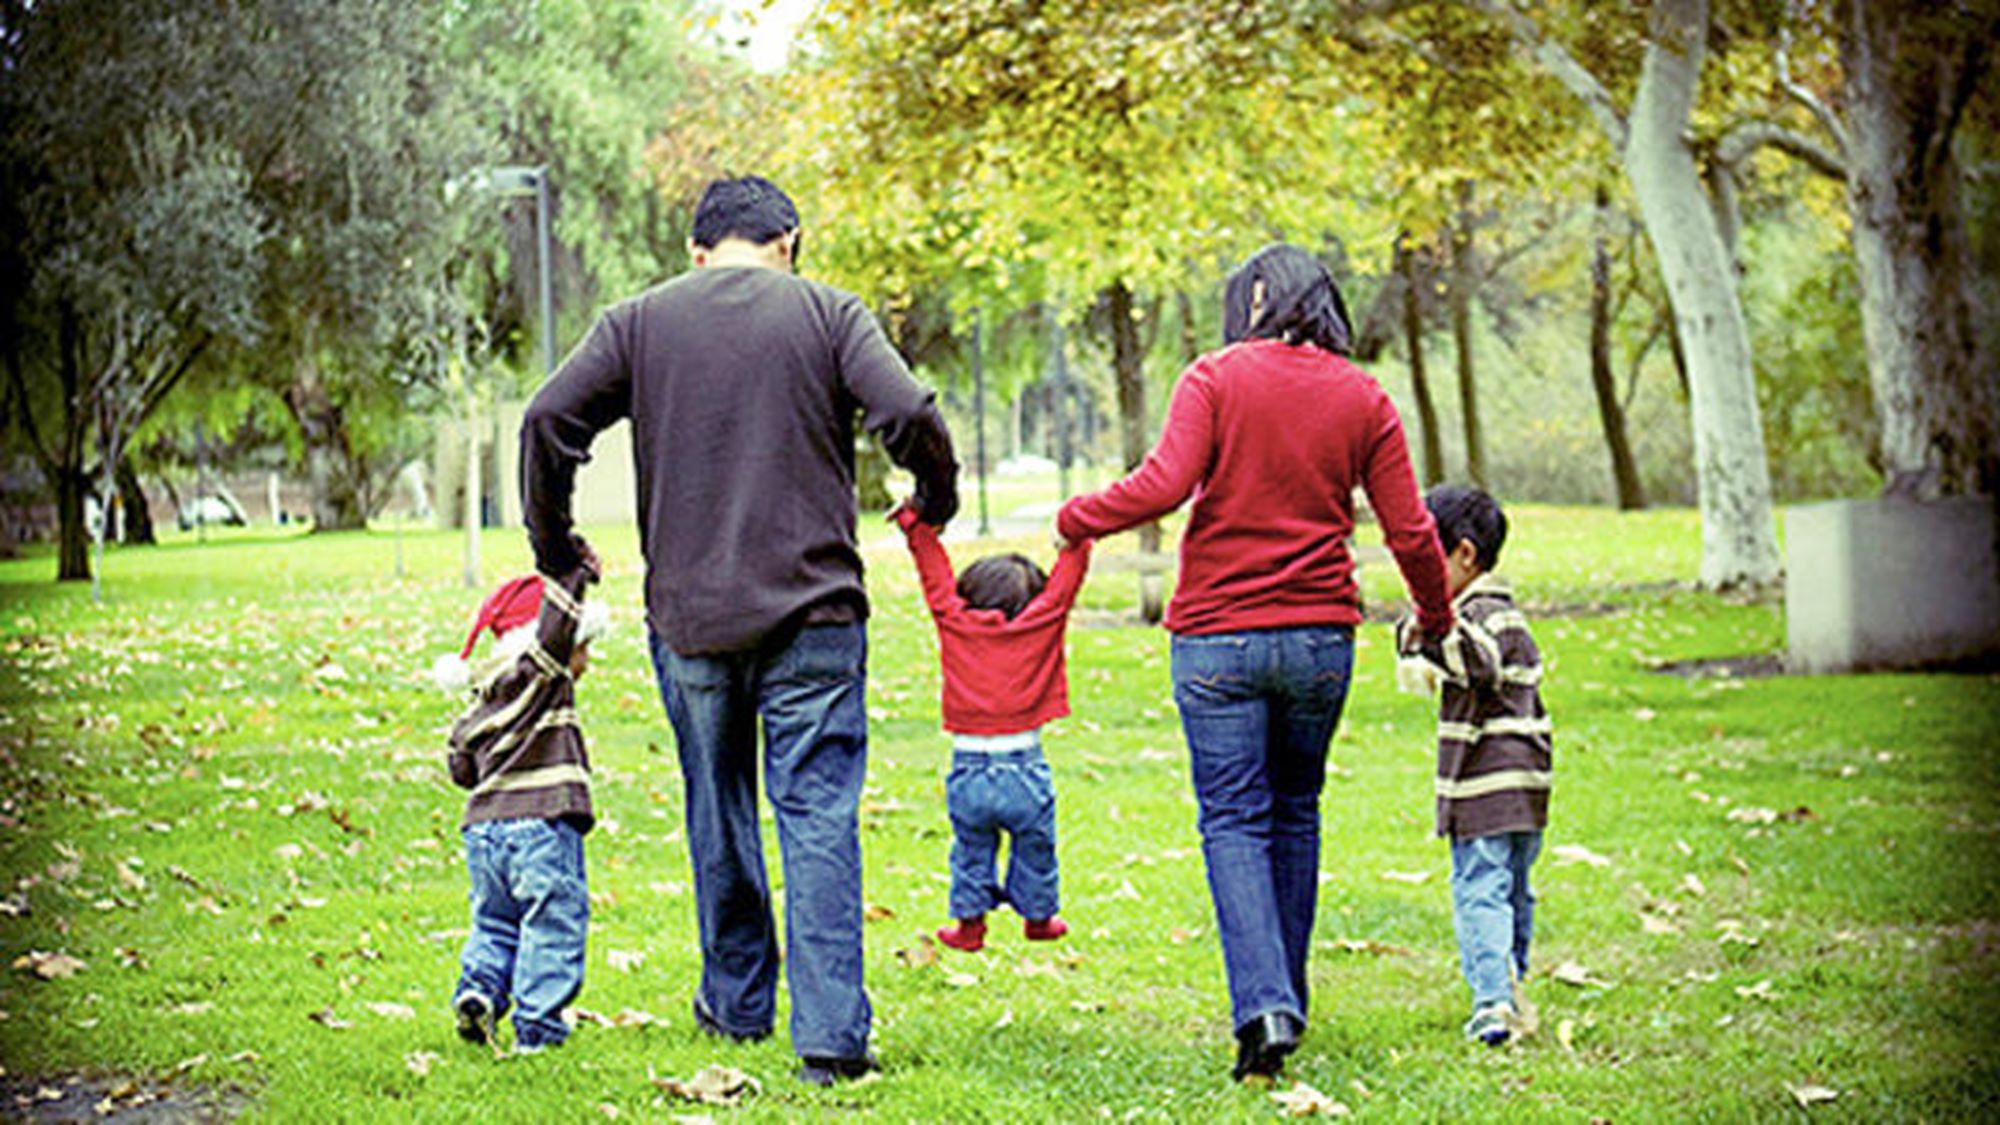 Πλάτη» στη συνεπιμέλεια παιδιών βάζουν όλο και περισσότεροι επιστημονικοί σύλλογοι- Τι αναφέρουν οι «Ενεργοί μπαμπάδες»